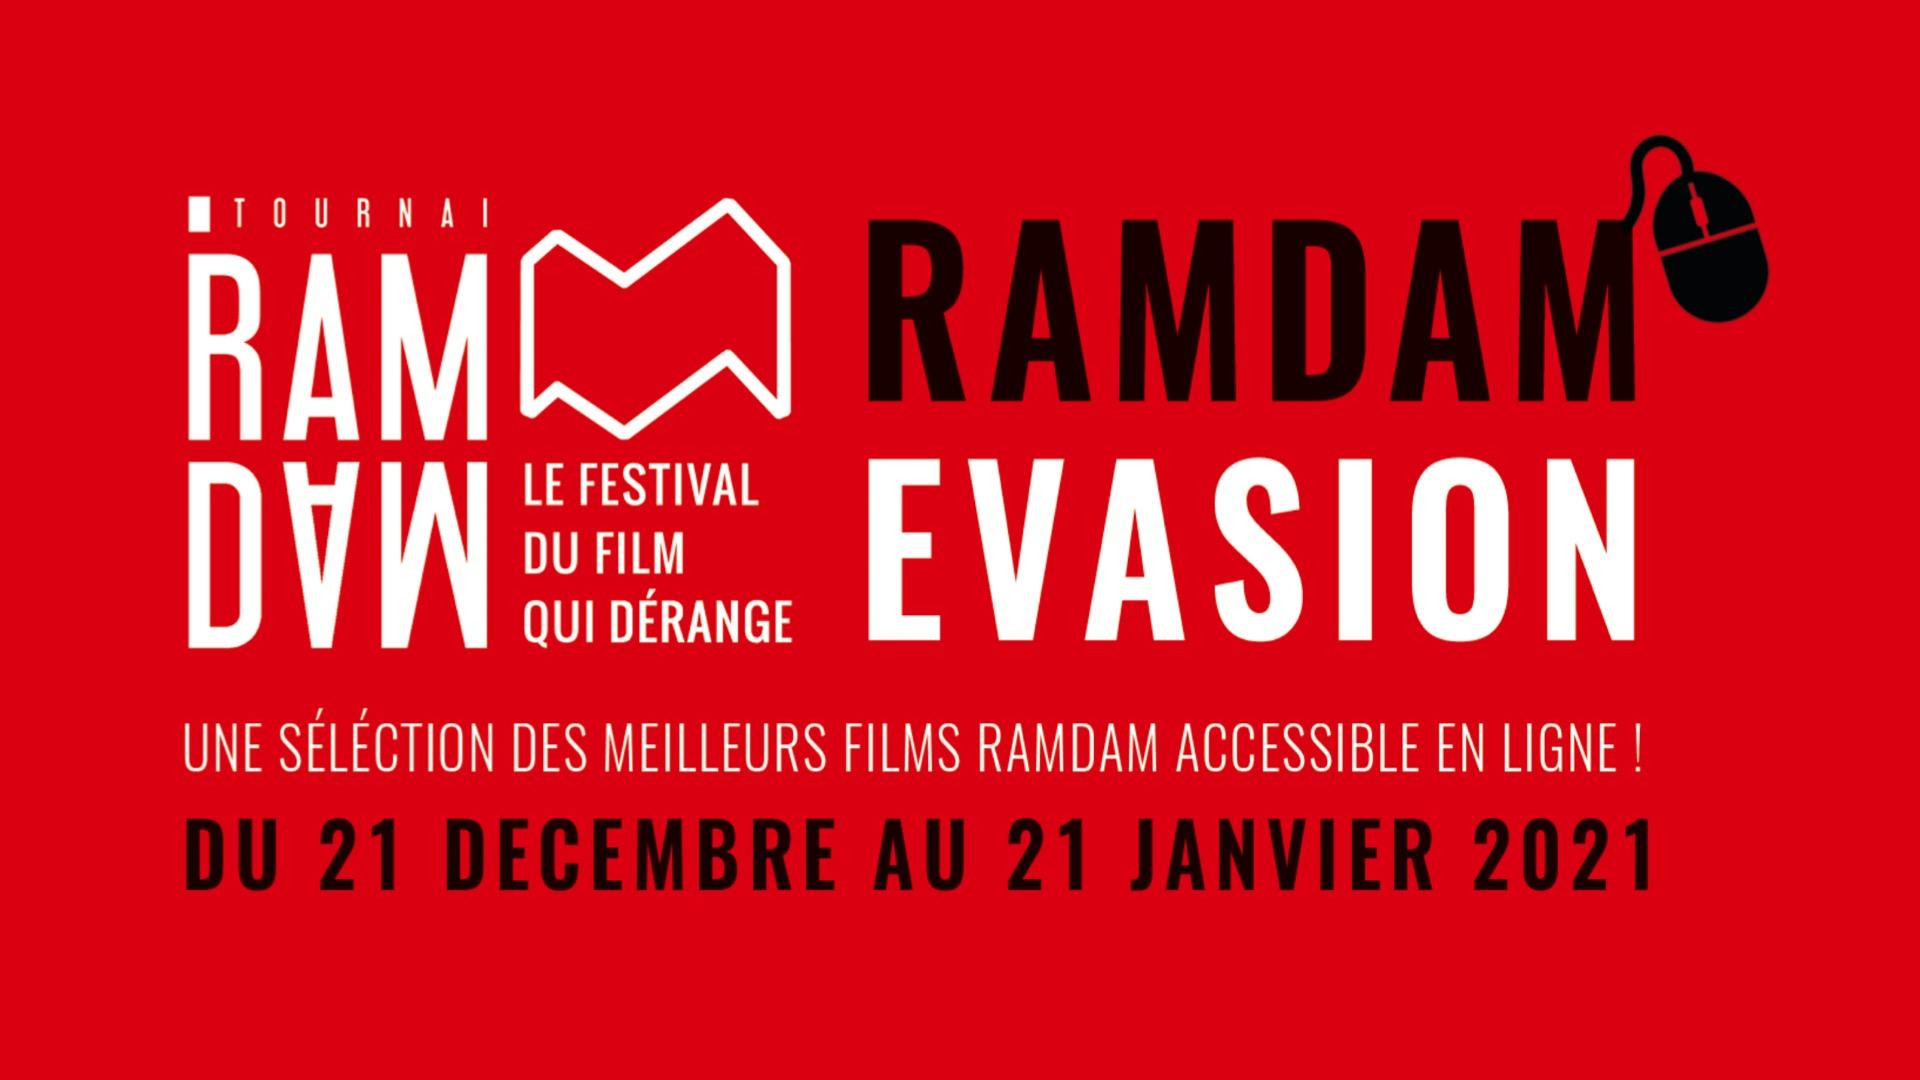 Ramdam Evasion